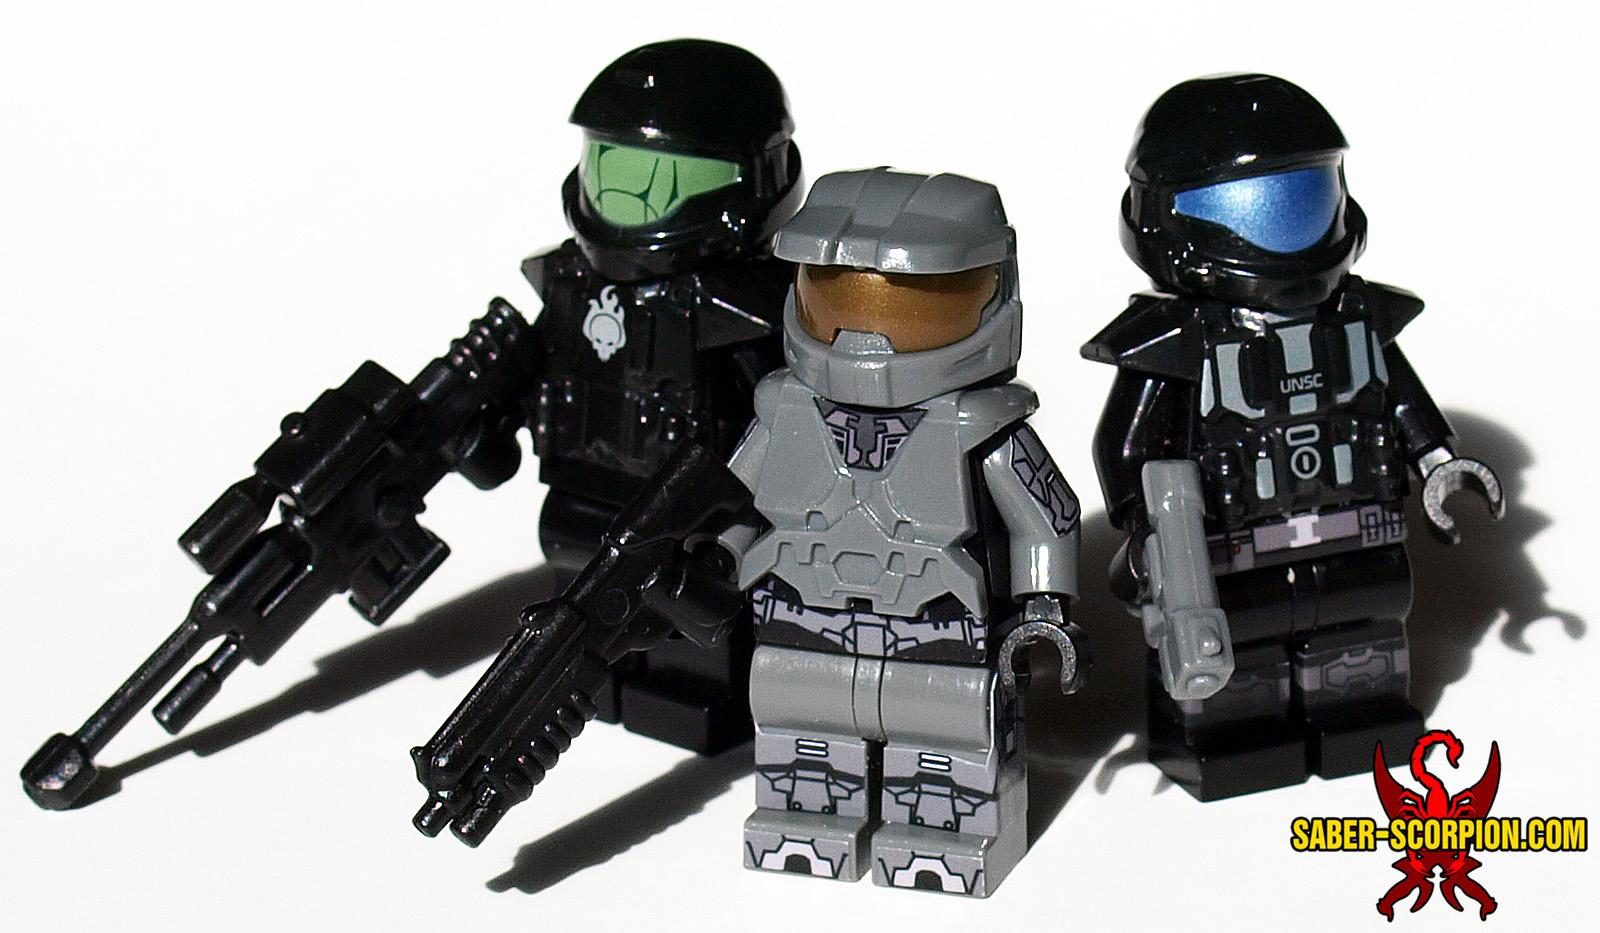 Custom LEGO Sci-Fi Minifigures